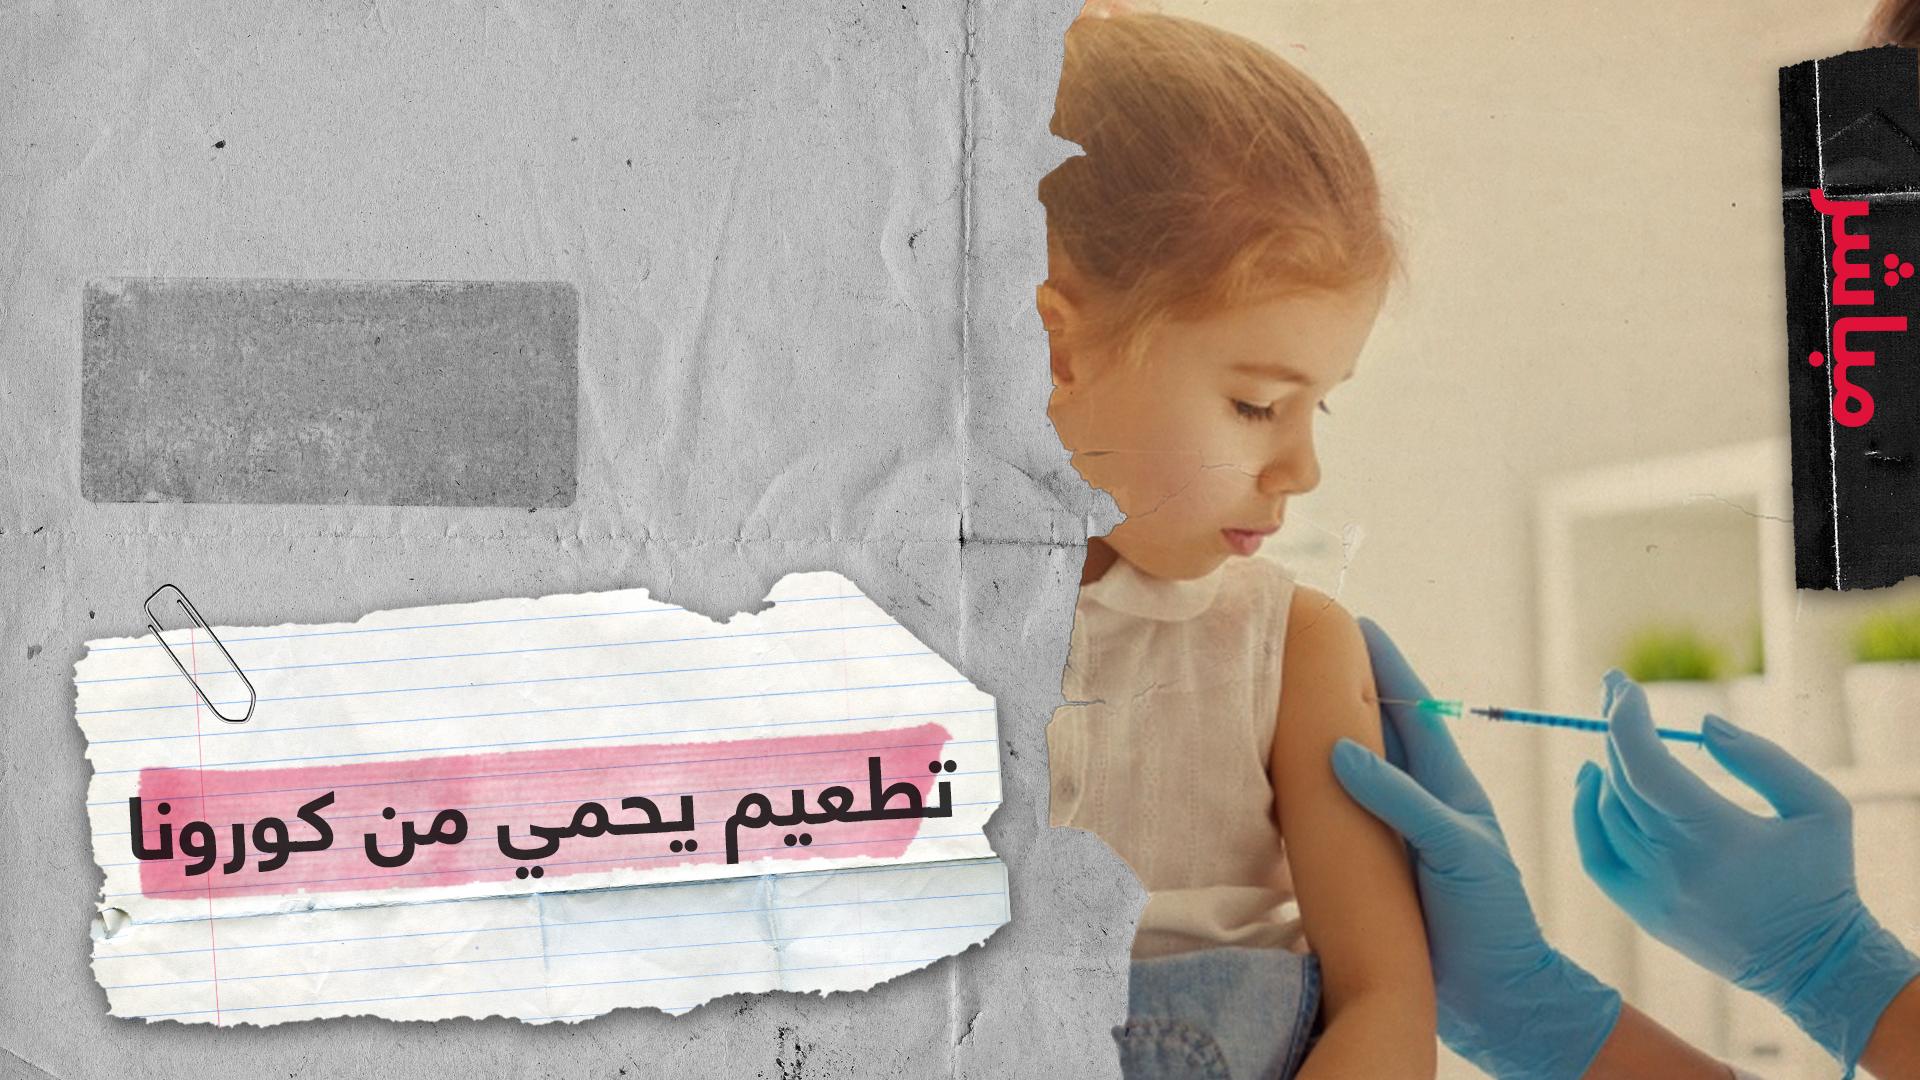 هل لقاح مرض السل هو سبب قلة الإصابة بكورونا عربيا؟